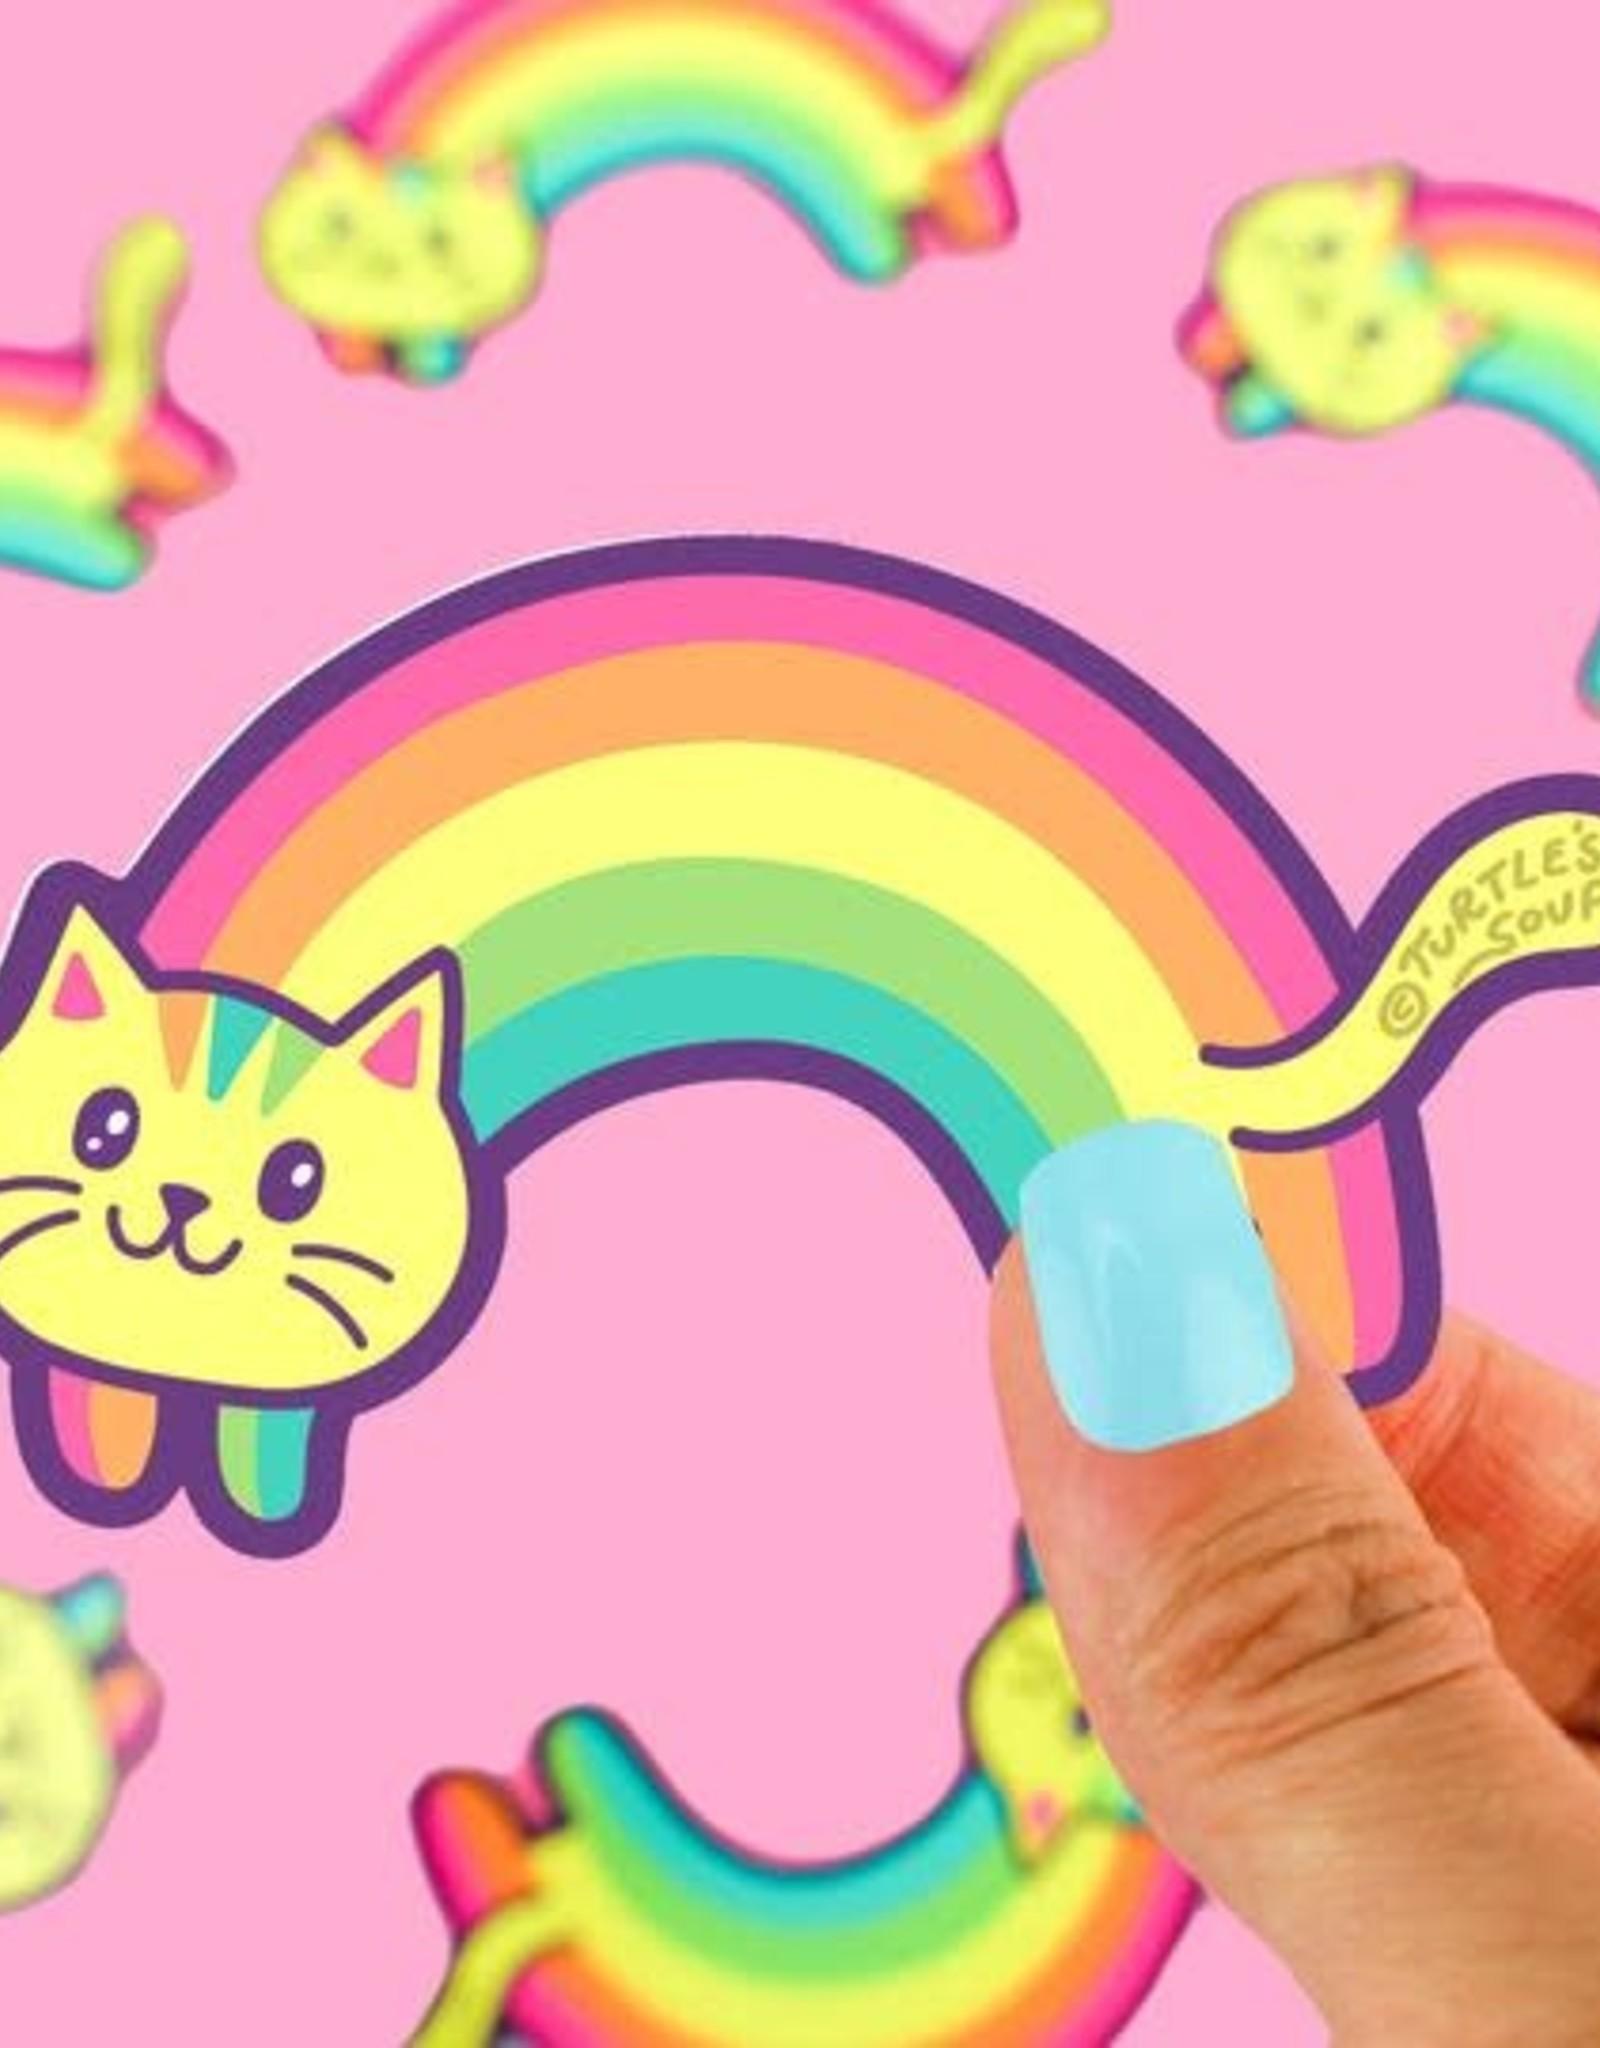 Turtle Soup Turtle Soup - Rainbow Cat Vinyl Sticker